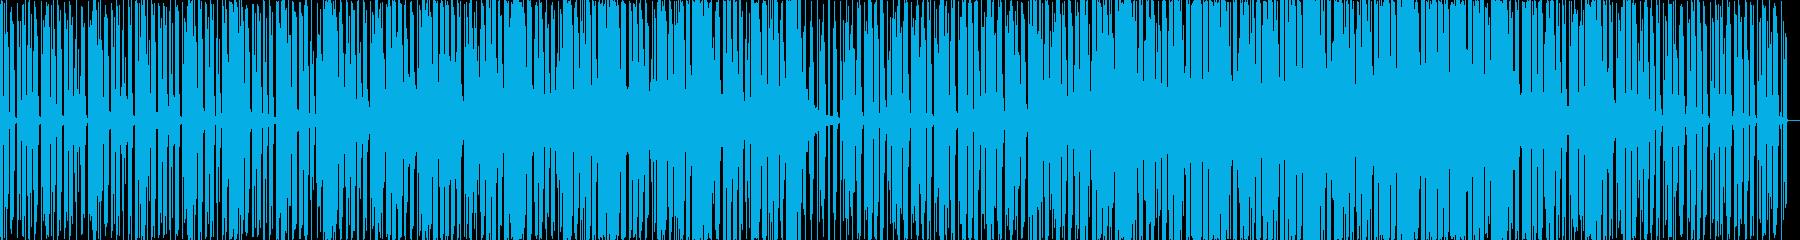 法人 技術的な 説明的 静か 繰り...の再生済みの波形